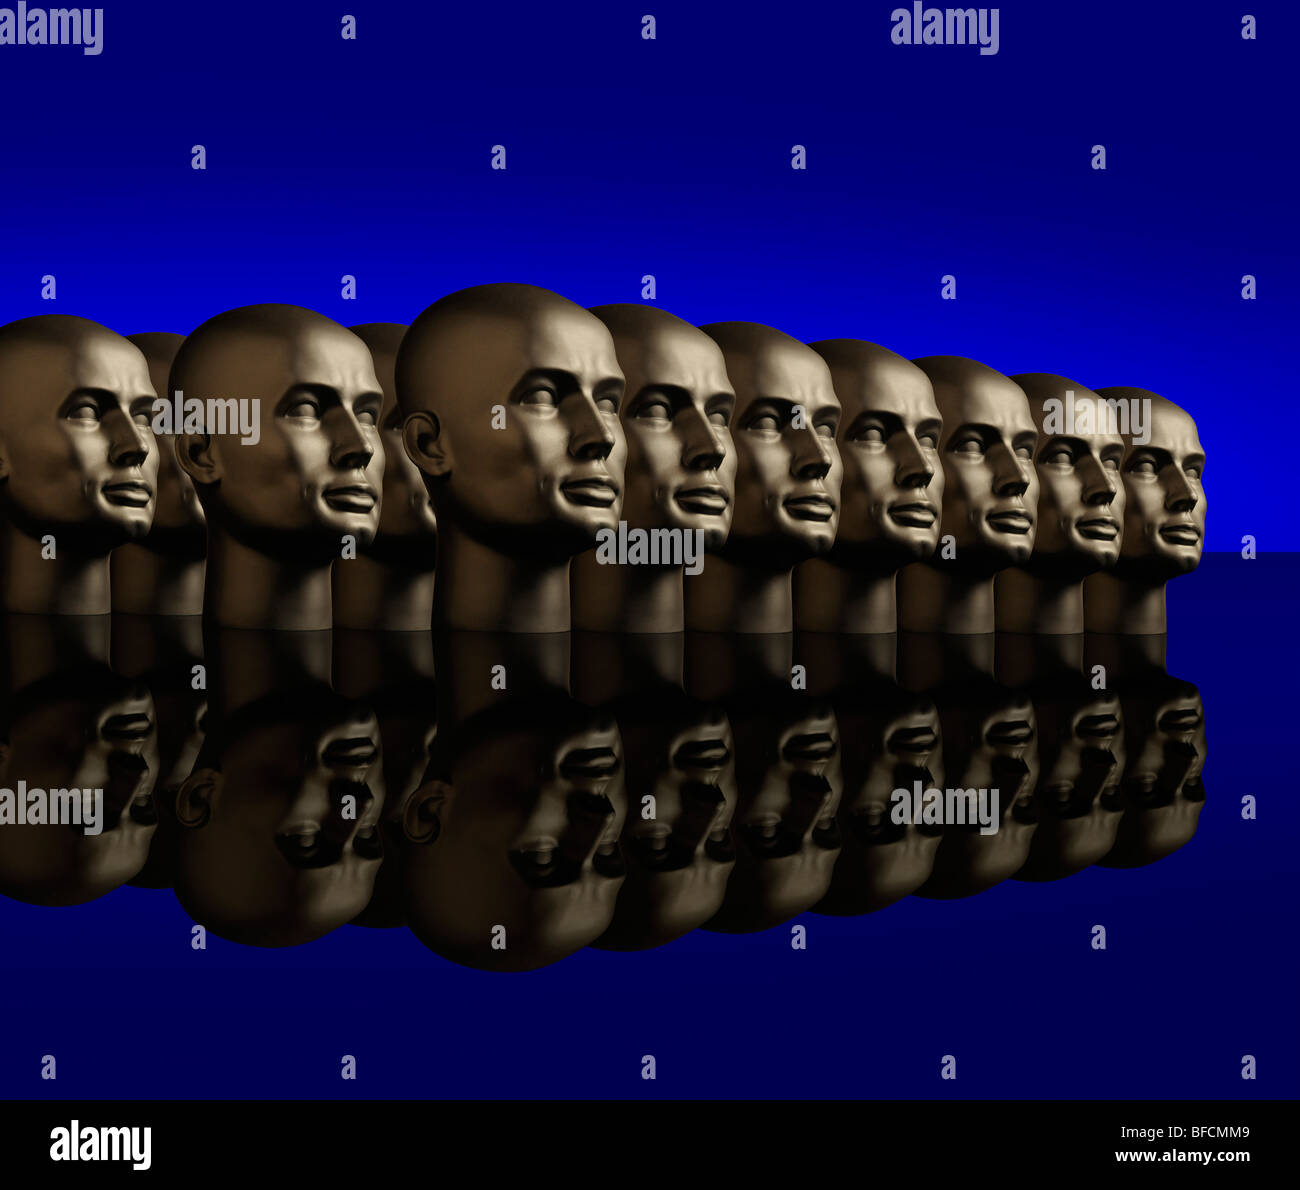 Metallische android Schaufensterpuppe Kopf in mehreren Reihen auf einer reflektierenden schwarzen Oberfläche Stockbild